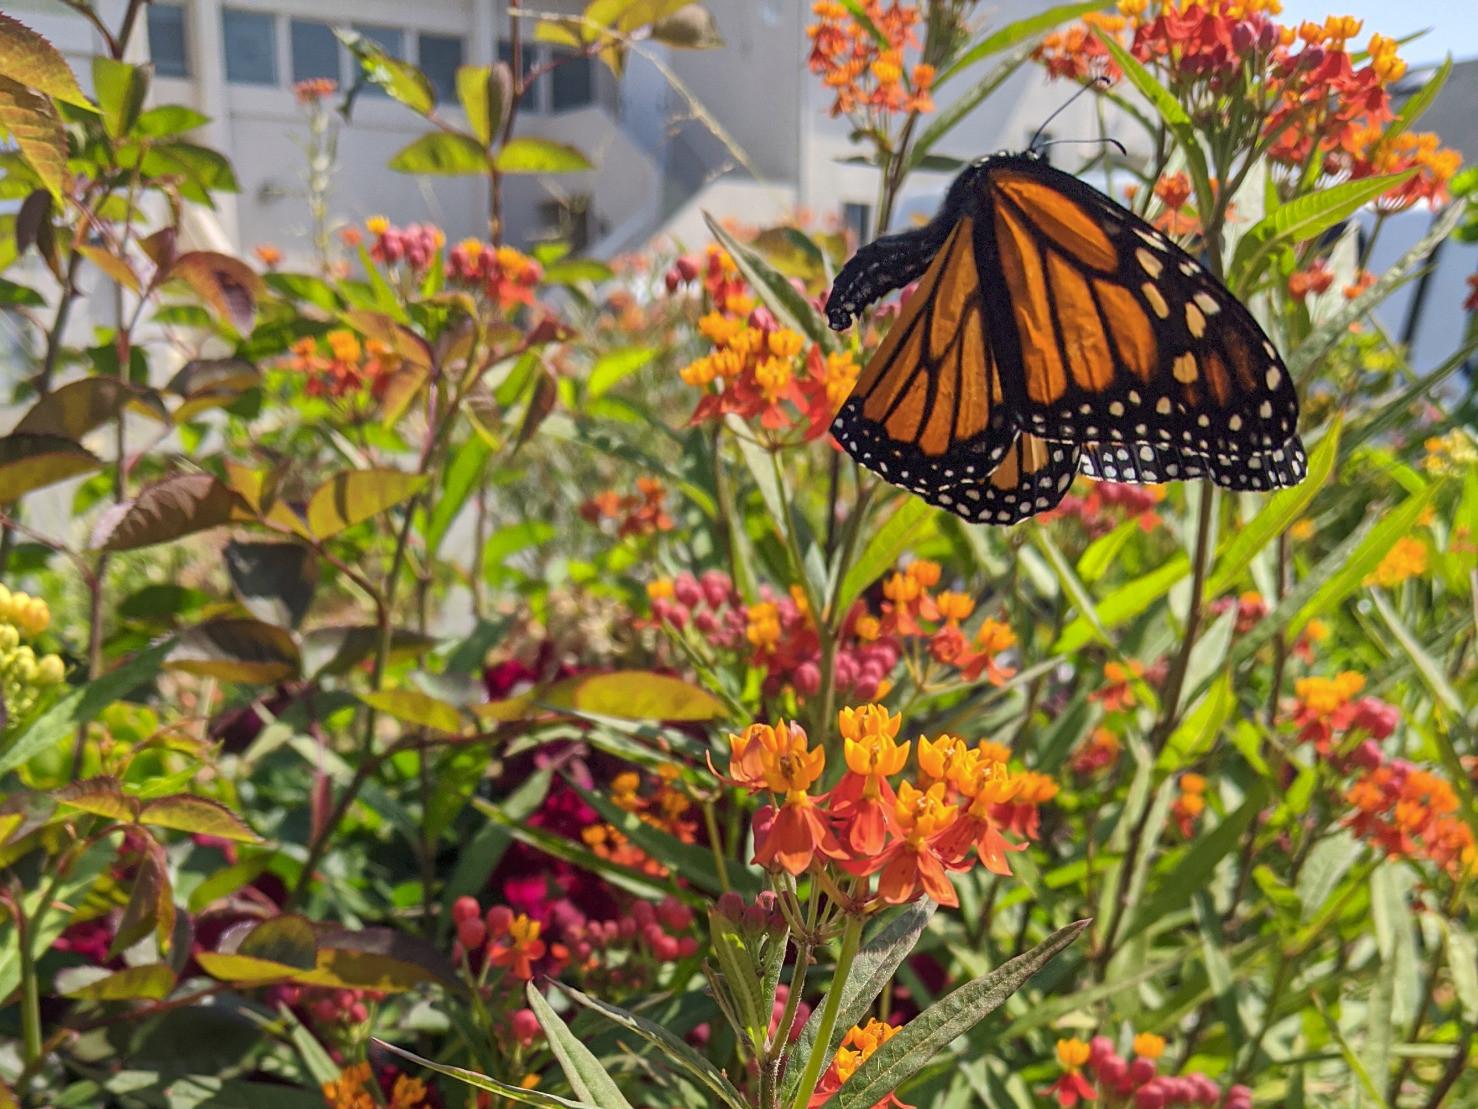 kelsonv: A #monarch butterfly